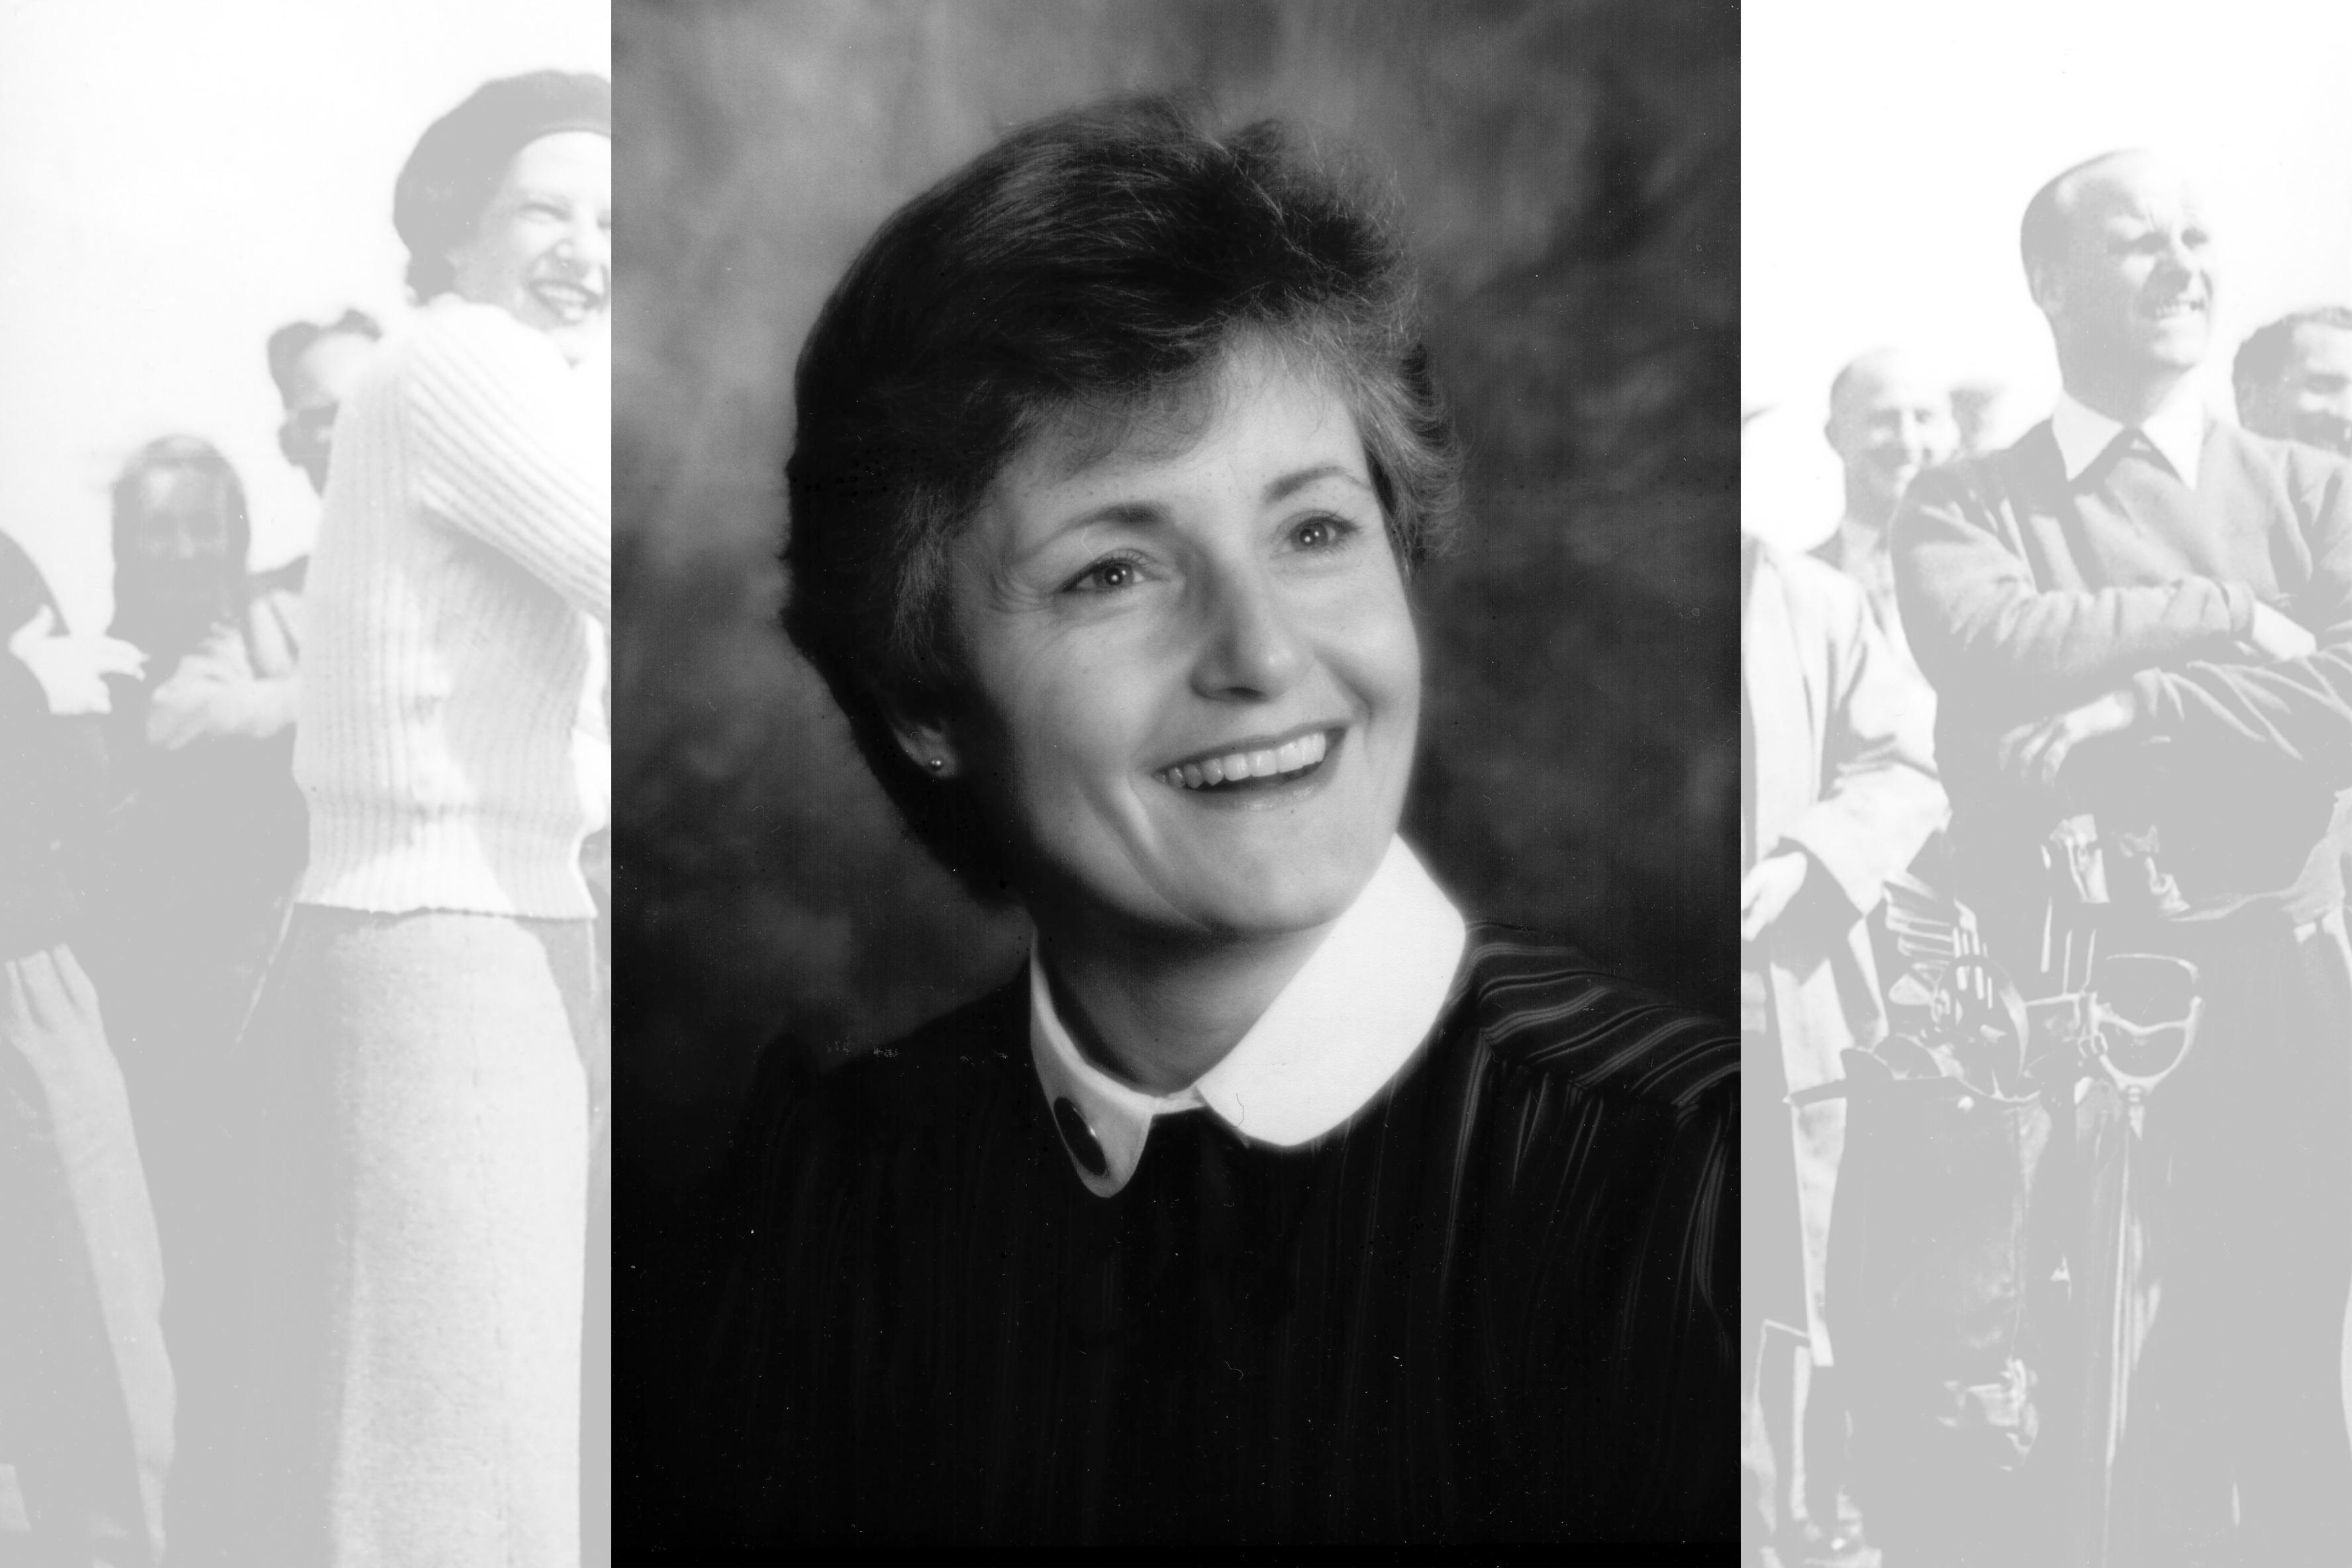 1986 - Adrienne Lane